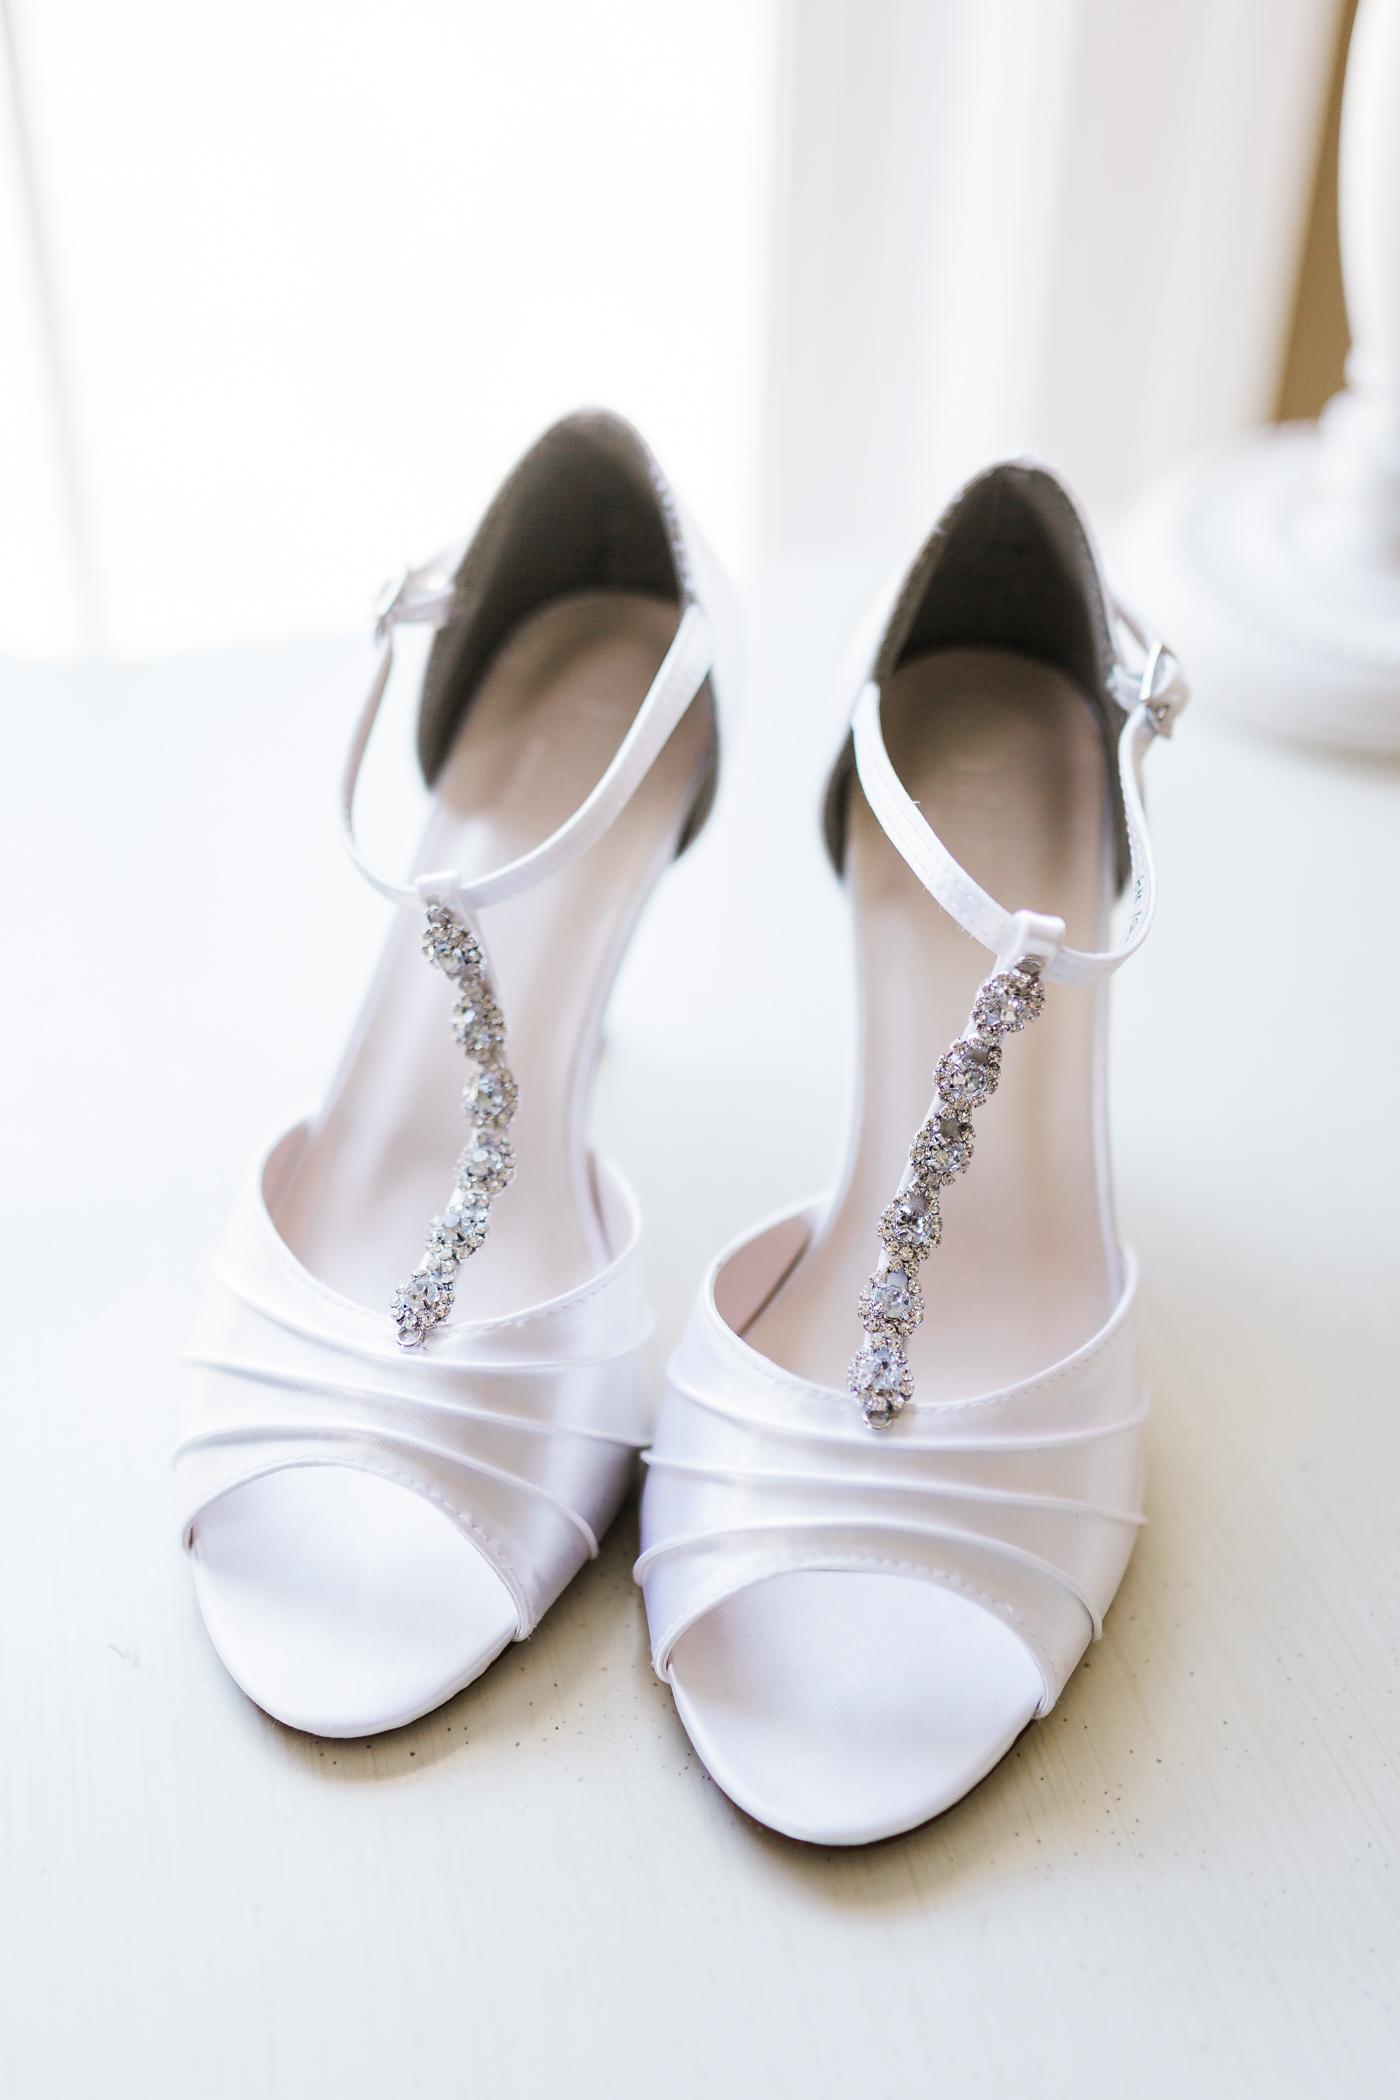 Classic bridal shoes Maryland Wedding